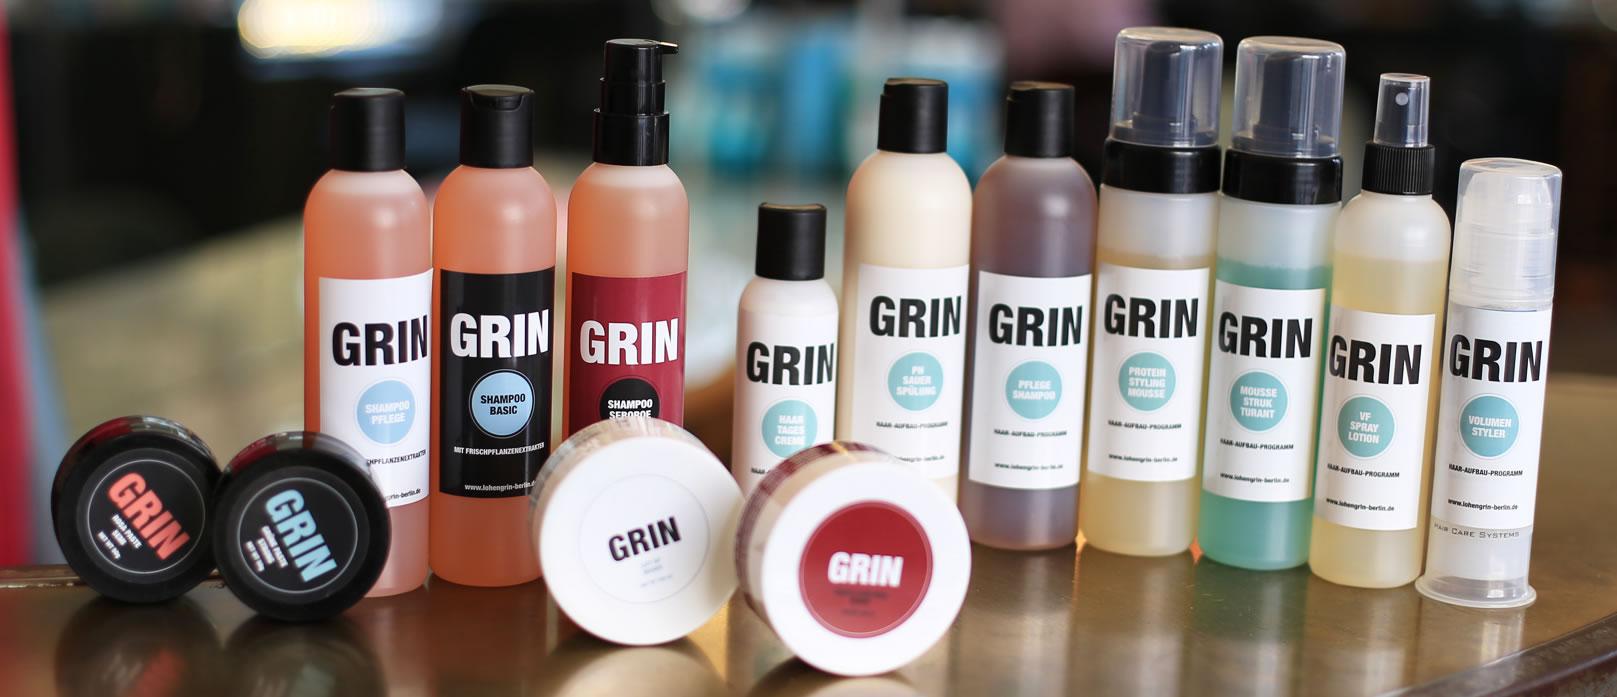 Lohengrin Frisör Berlin - Grin Produkte